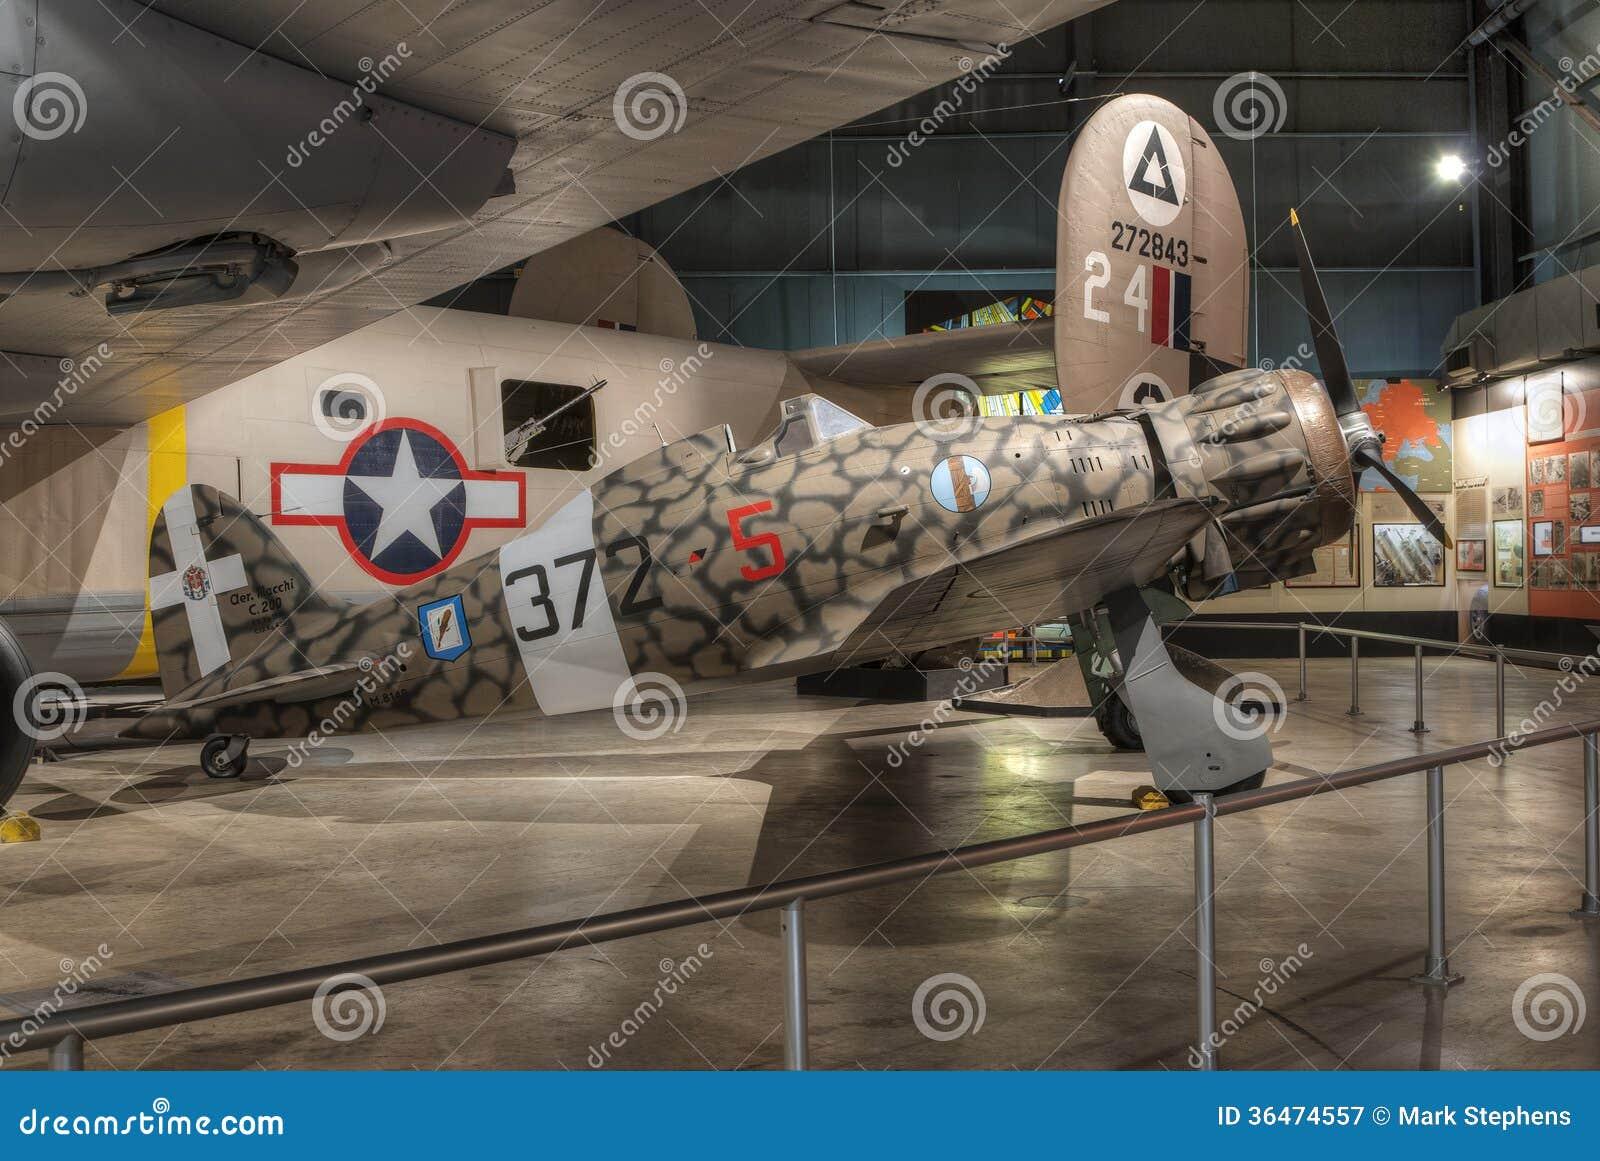 Aerei al museo del U.S.A.F., Dayton, Ohio